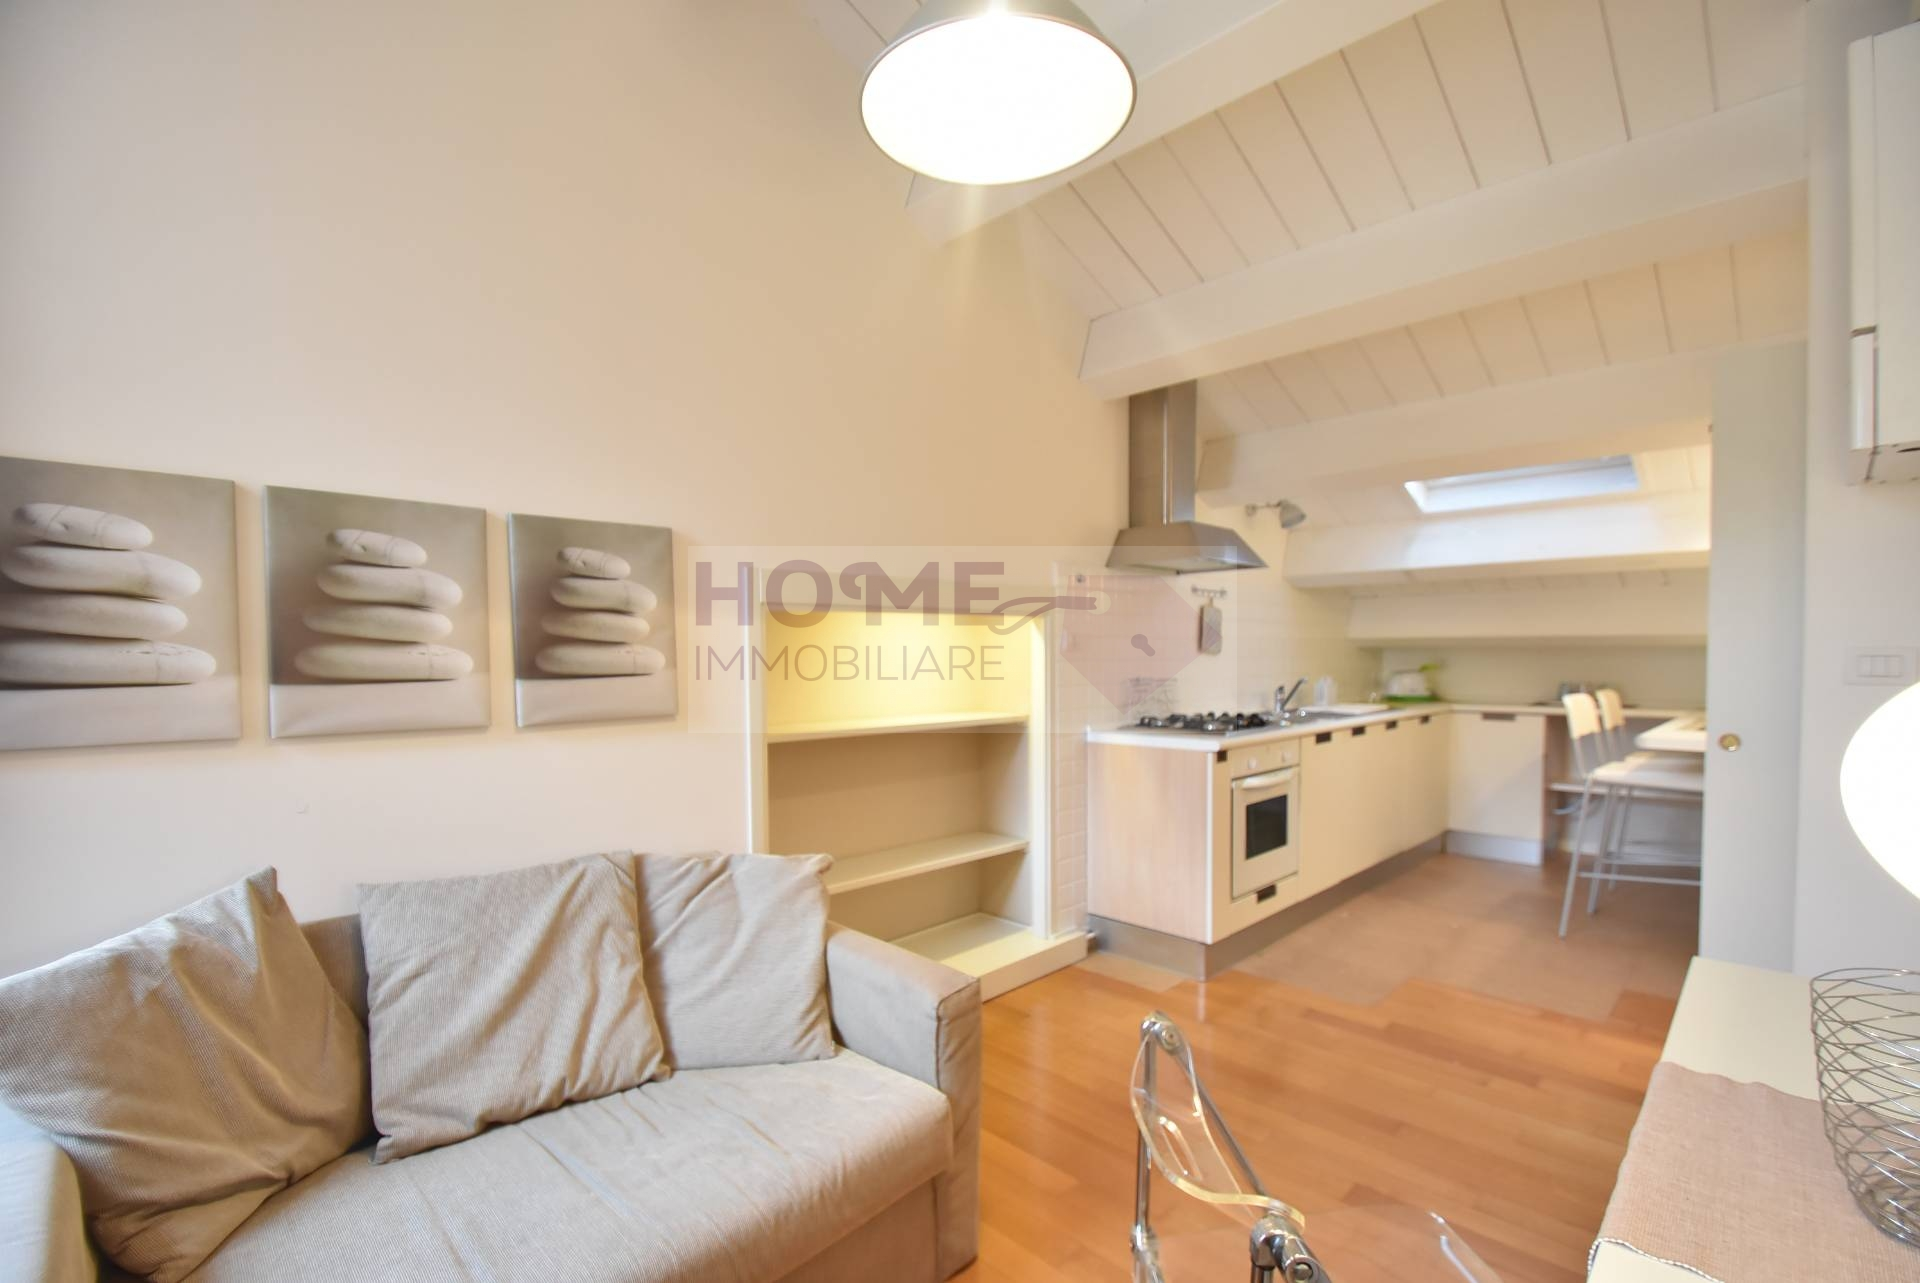 Appartamento in affitto a Macerata, 3 locali, zona Località: ZonaCentrale, prezzo € 420 | CambioCasa.it